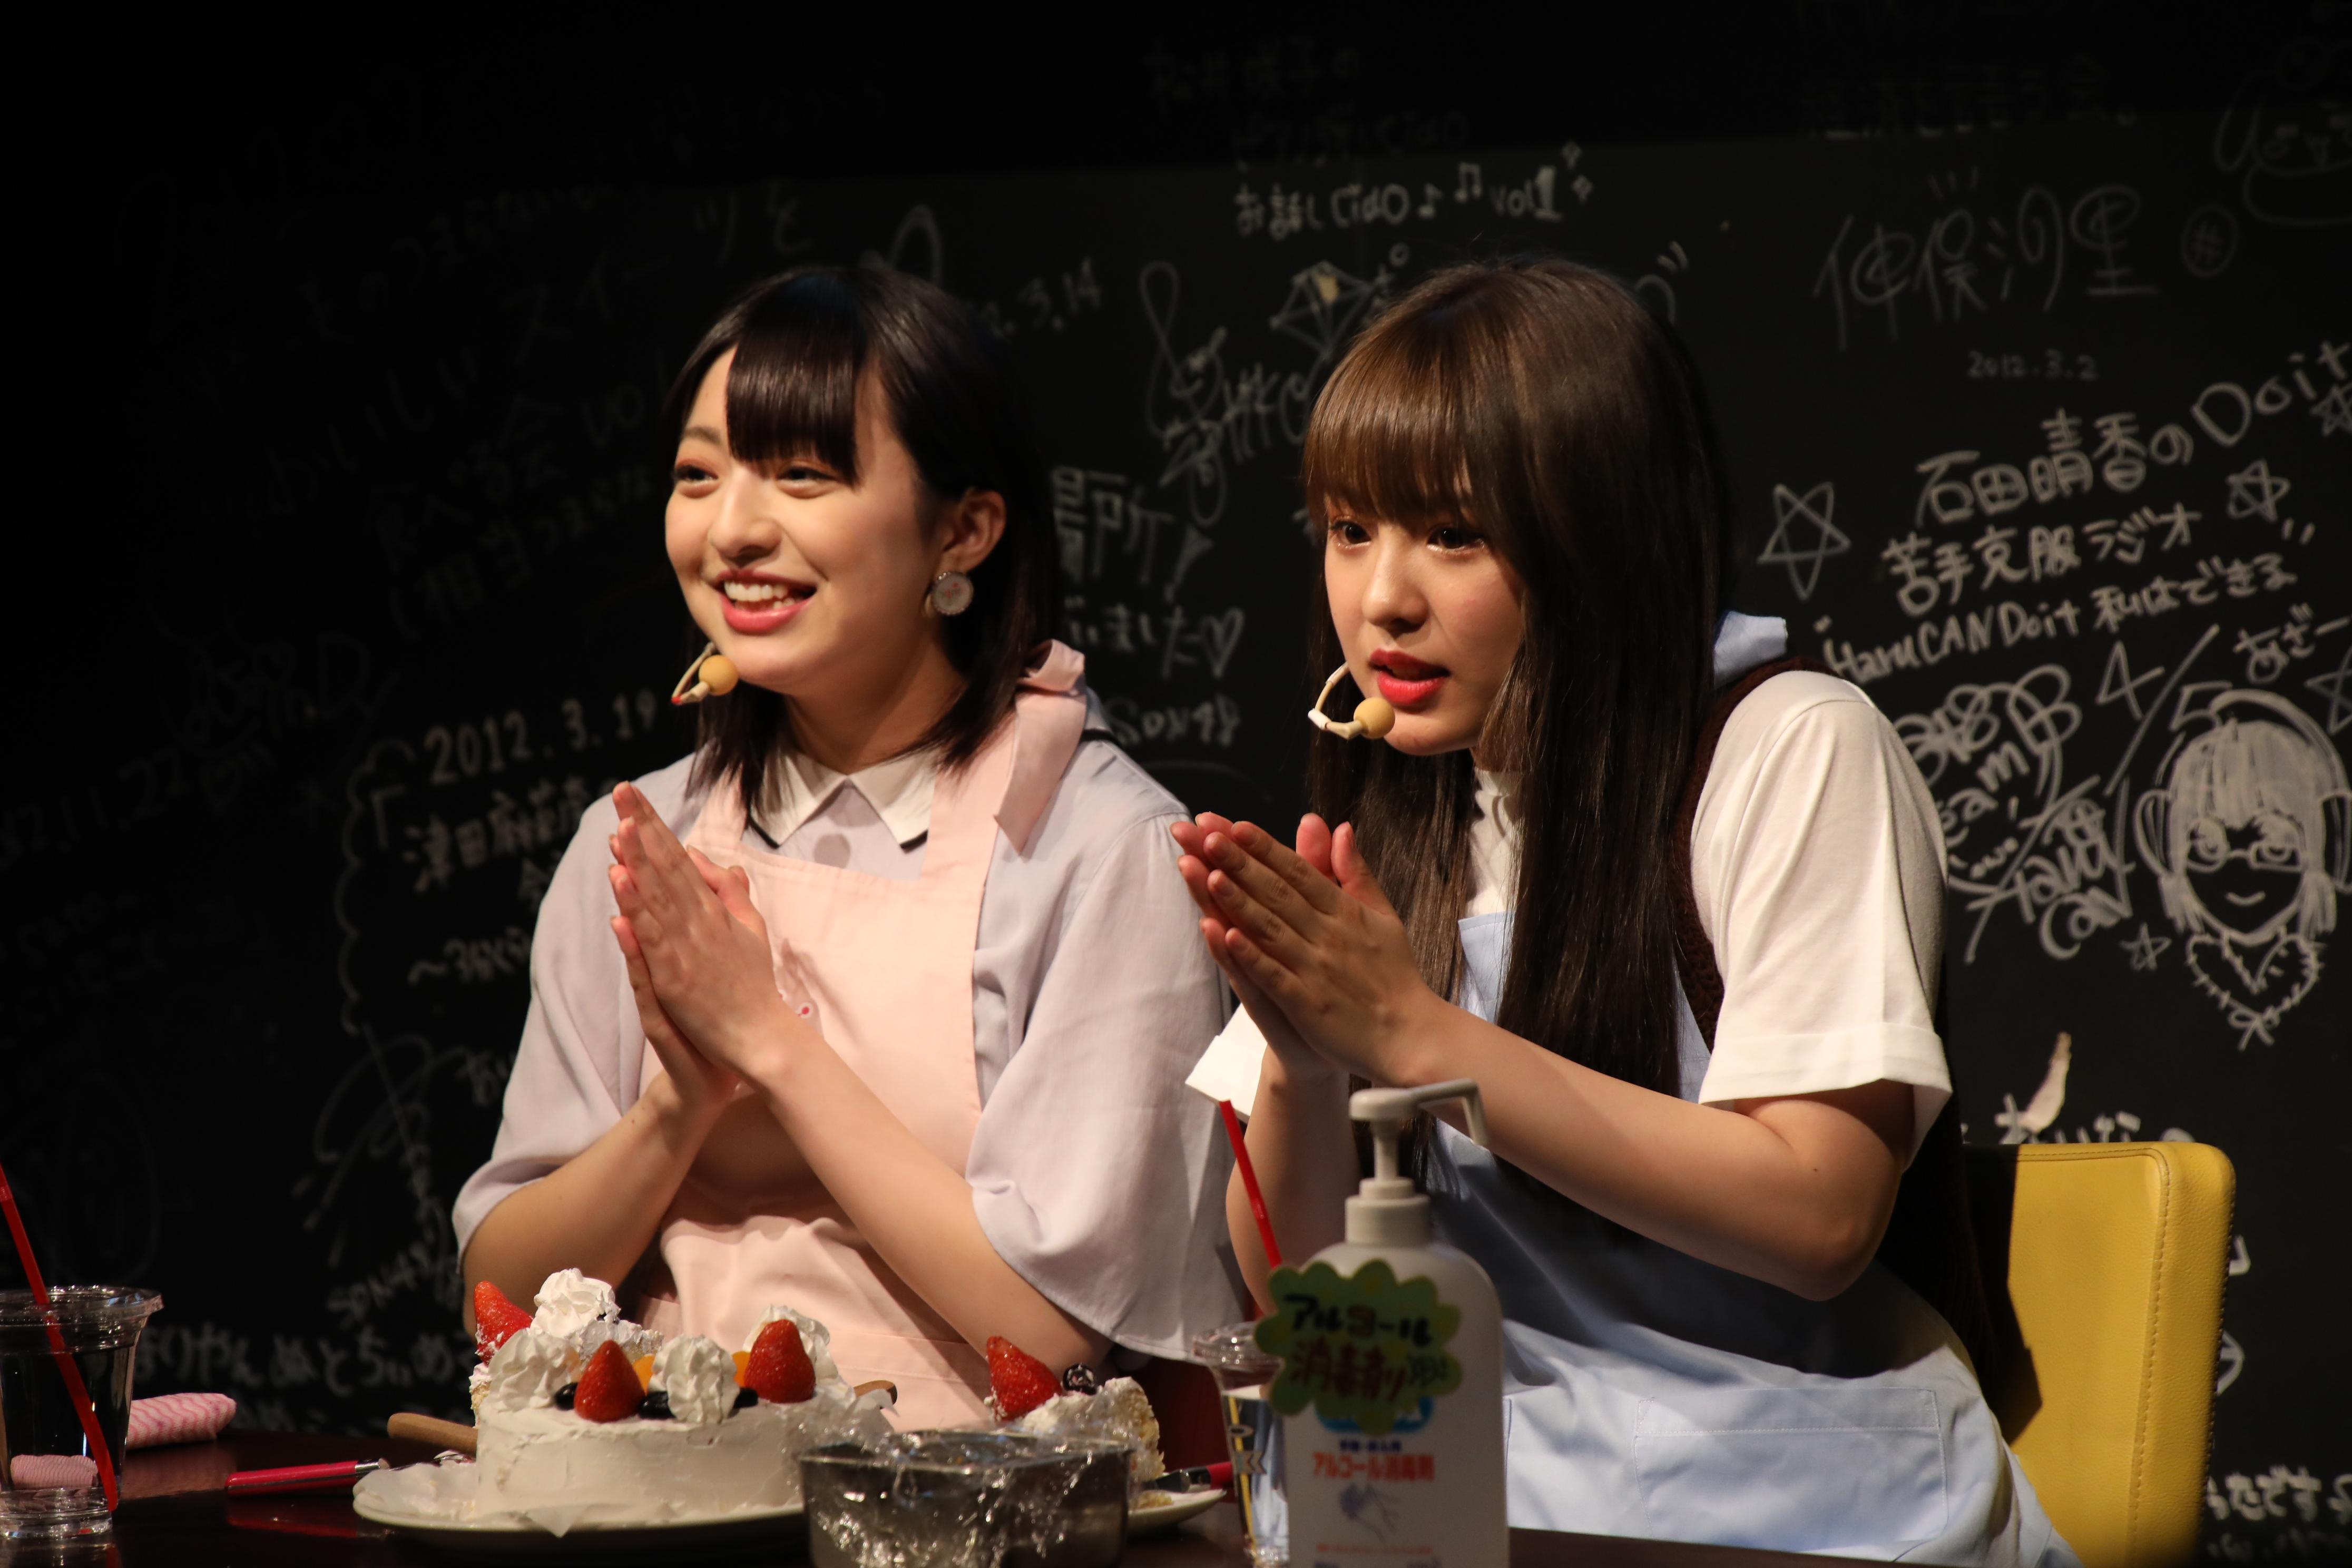 「Wななみ」(佐藤七海と山田菜々美)でファンと一緒にケーキを食べながらトーク